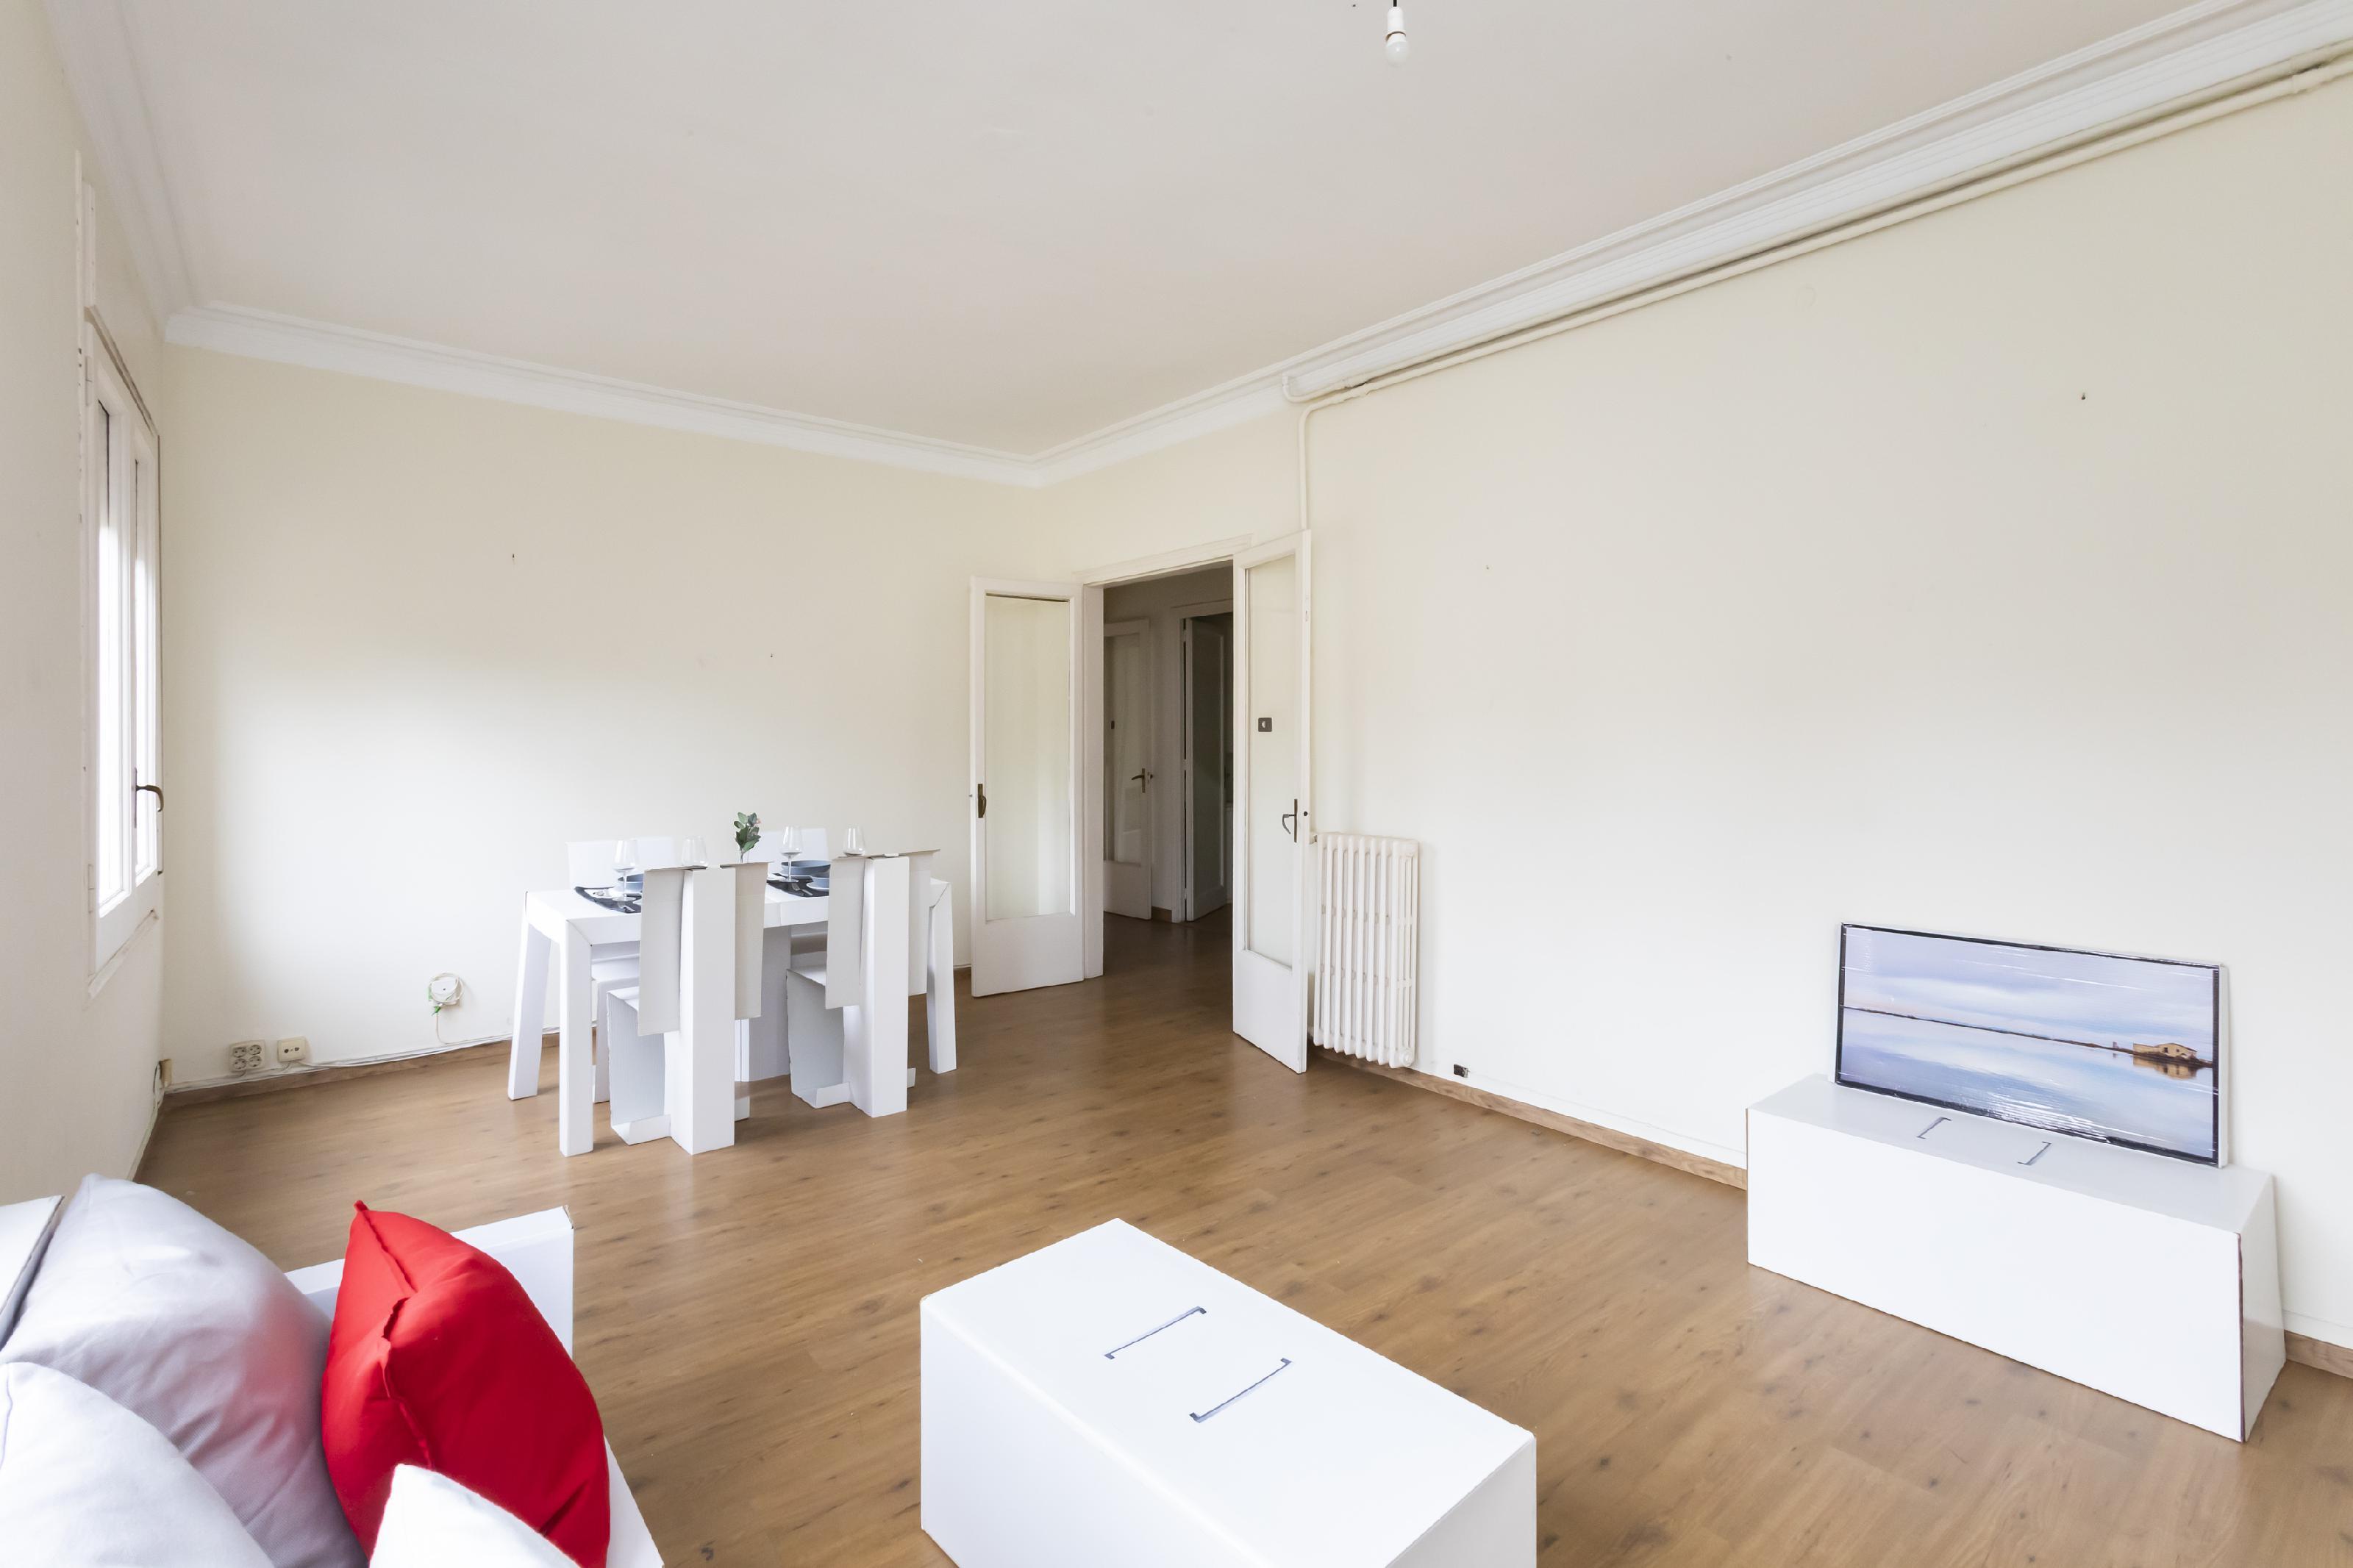 248888 Flat for sale in Sarrià-Sant Gervasi, St. Gervasi-Bonanova 8